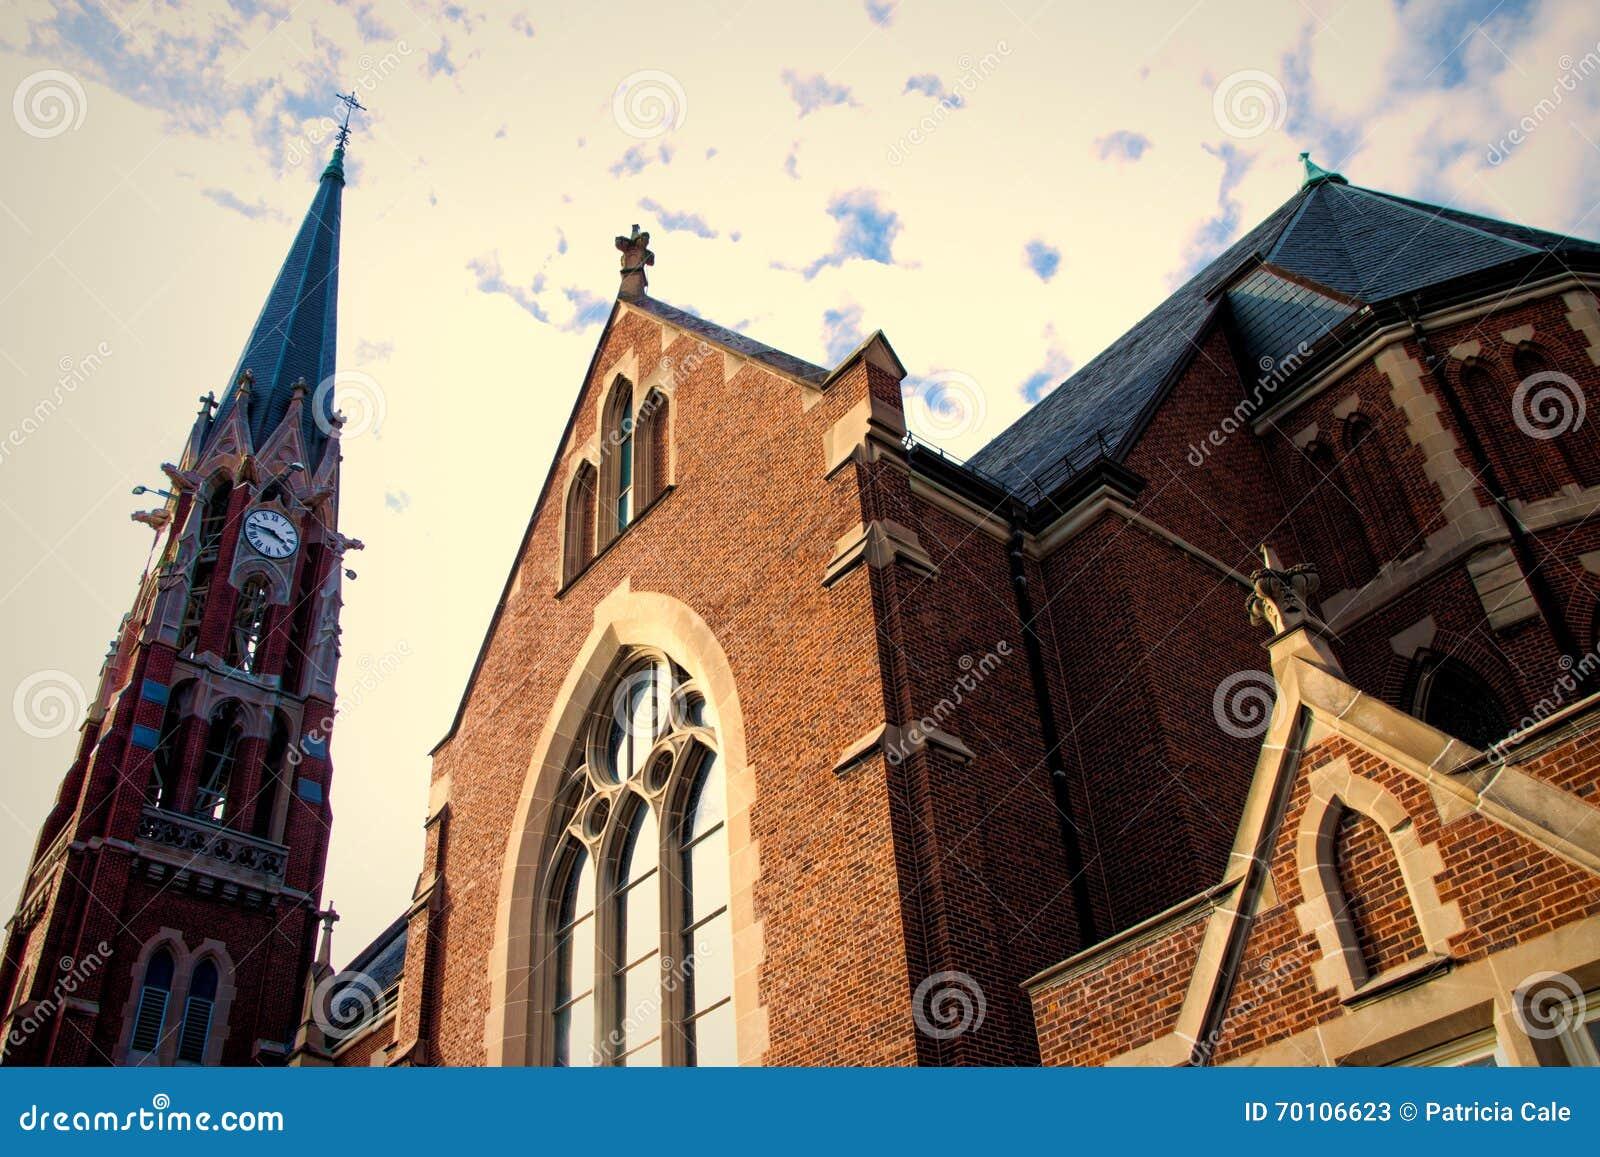 Church in Naperville, Illinois